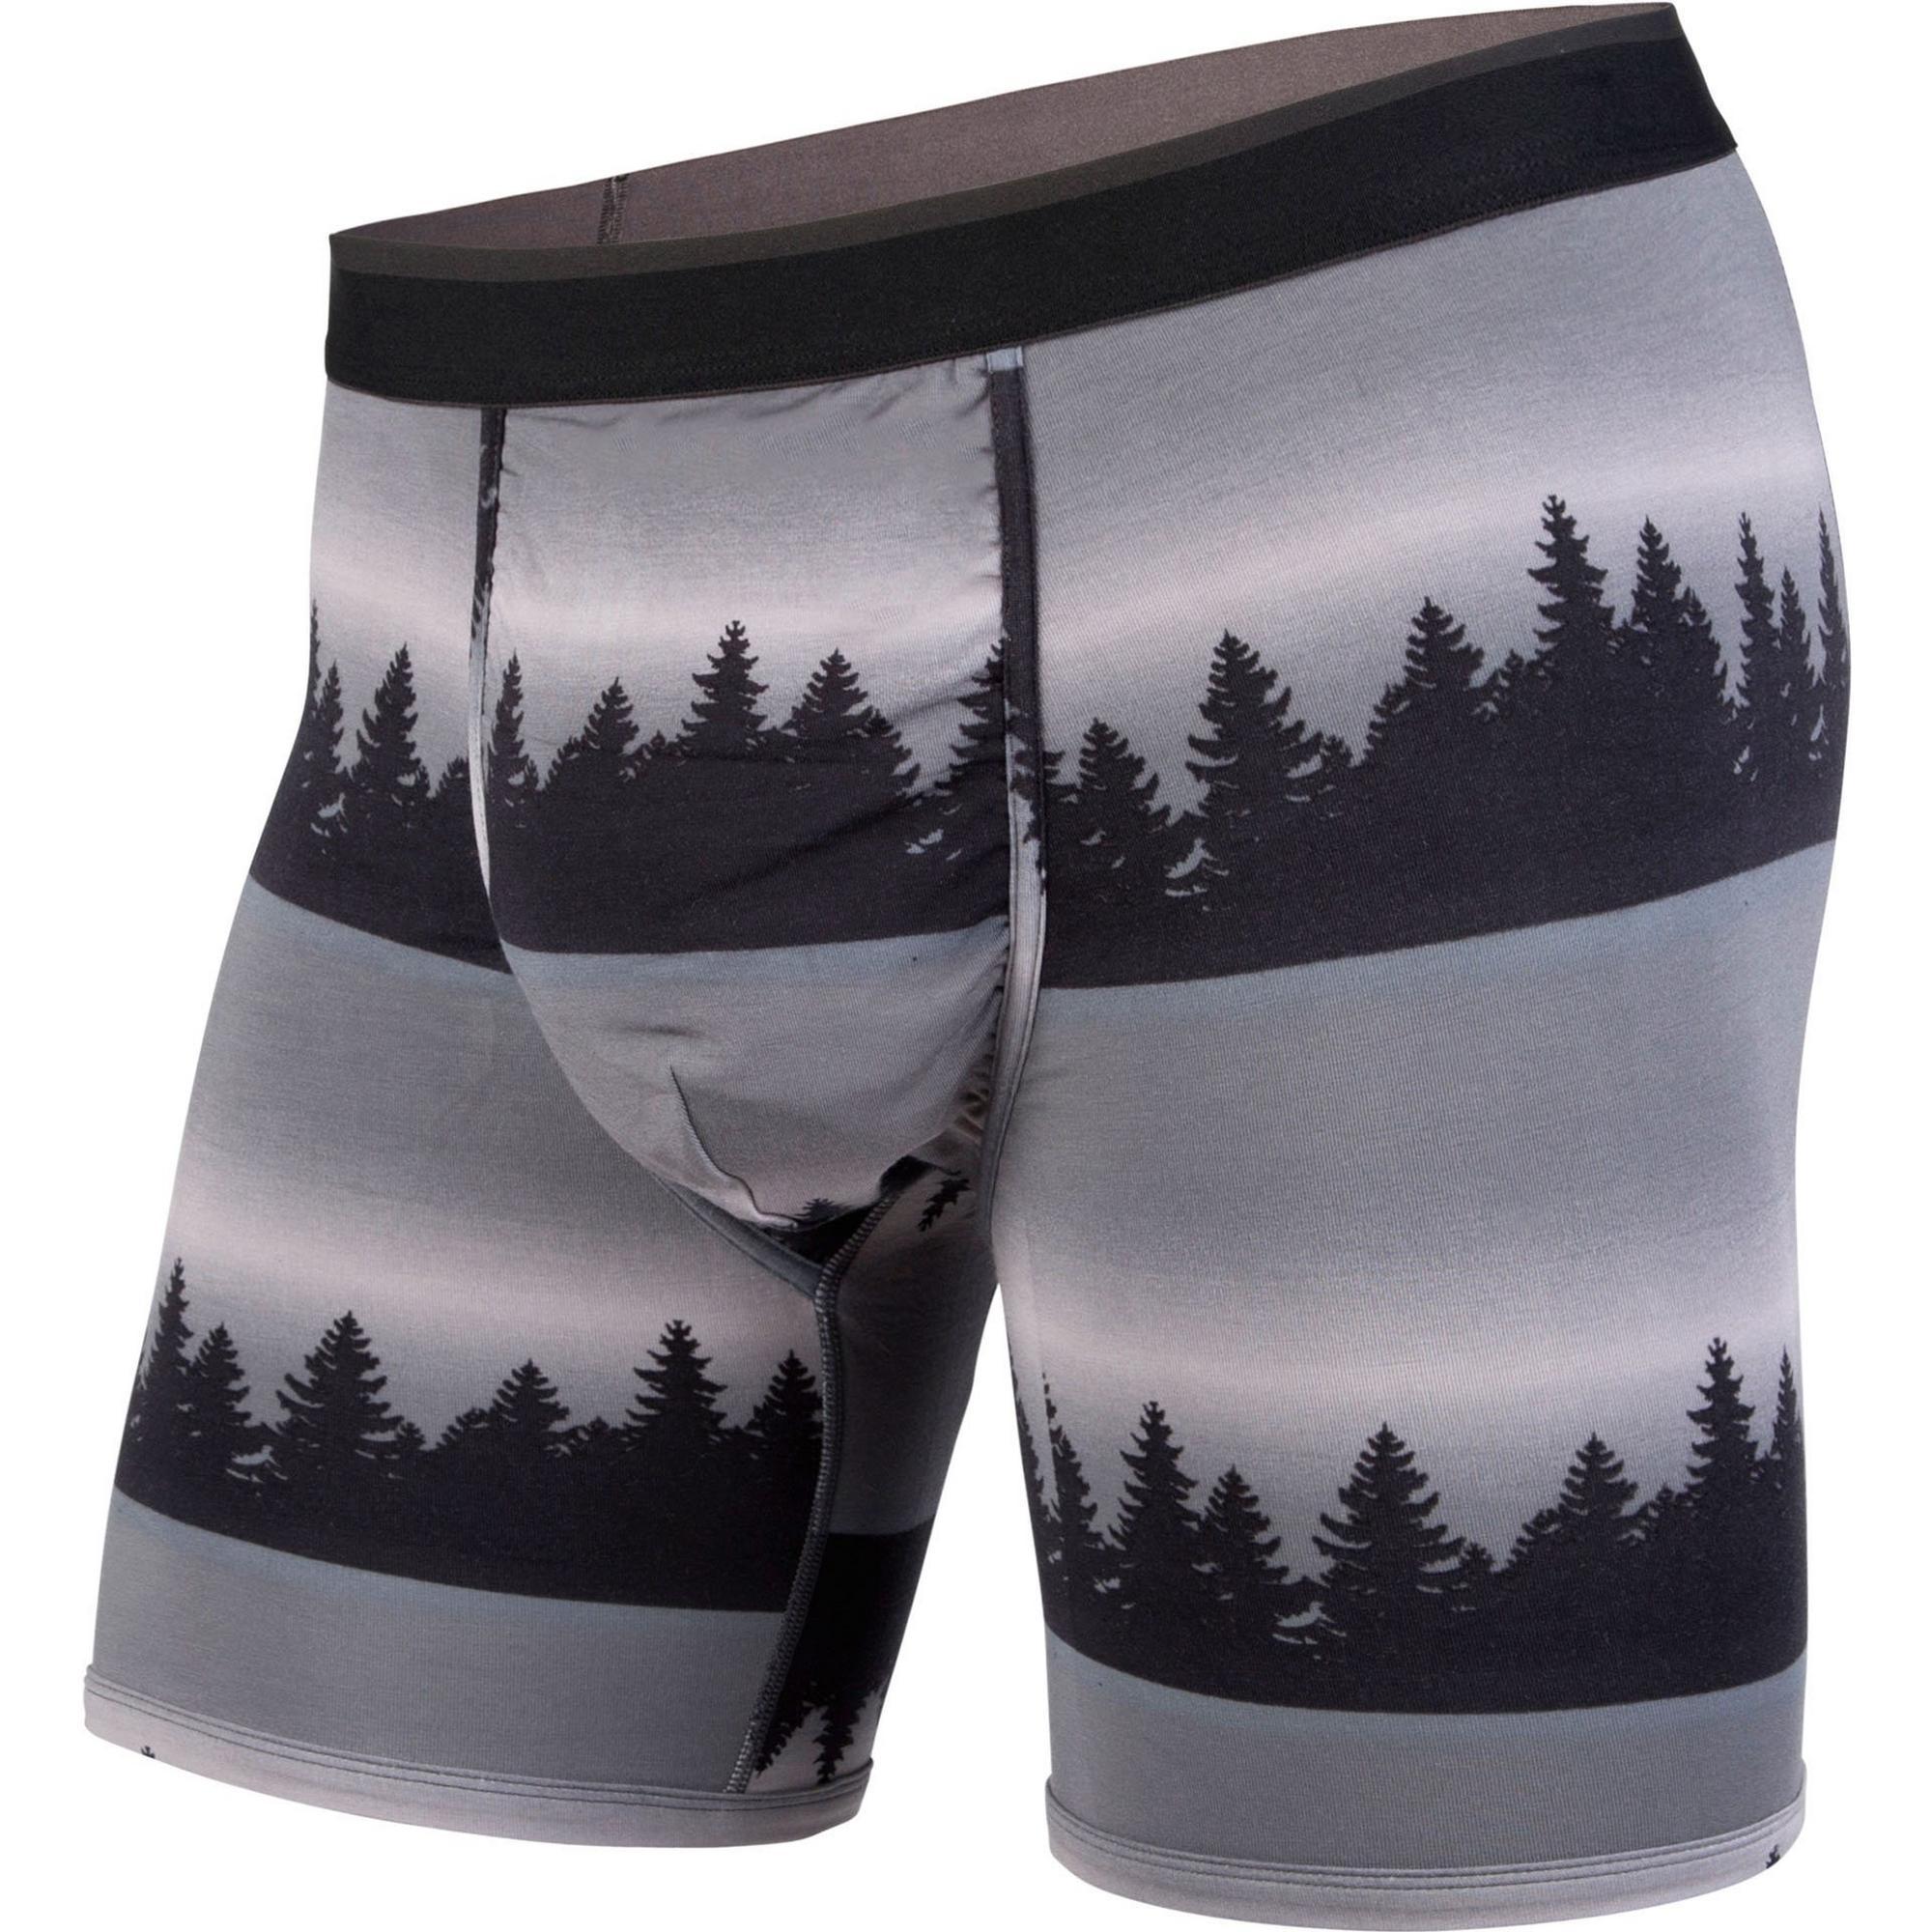 Men's Classics Boxer Brief - Forest Horizon